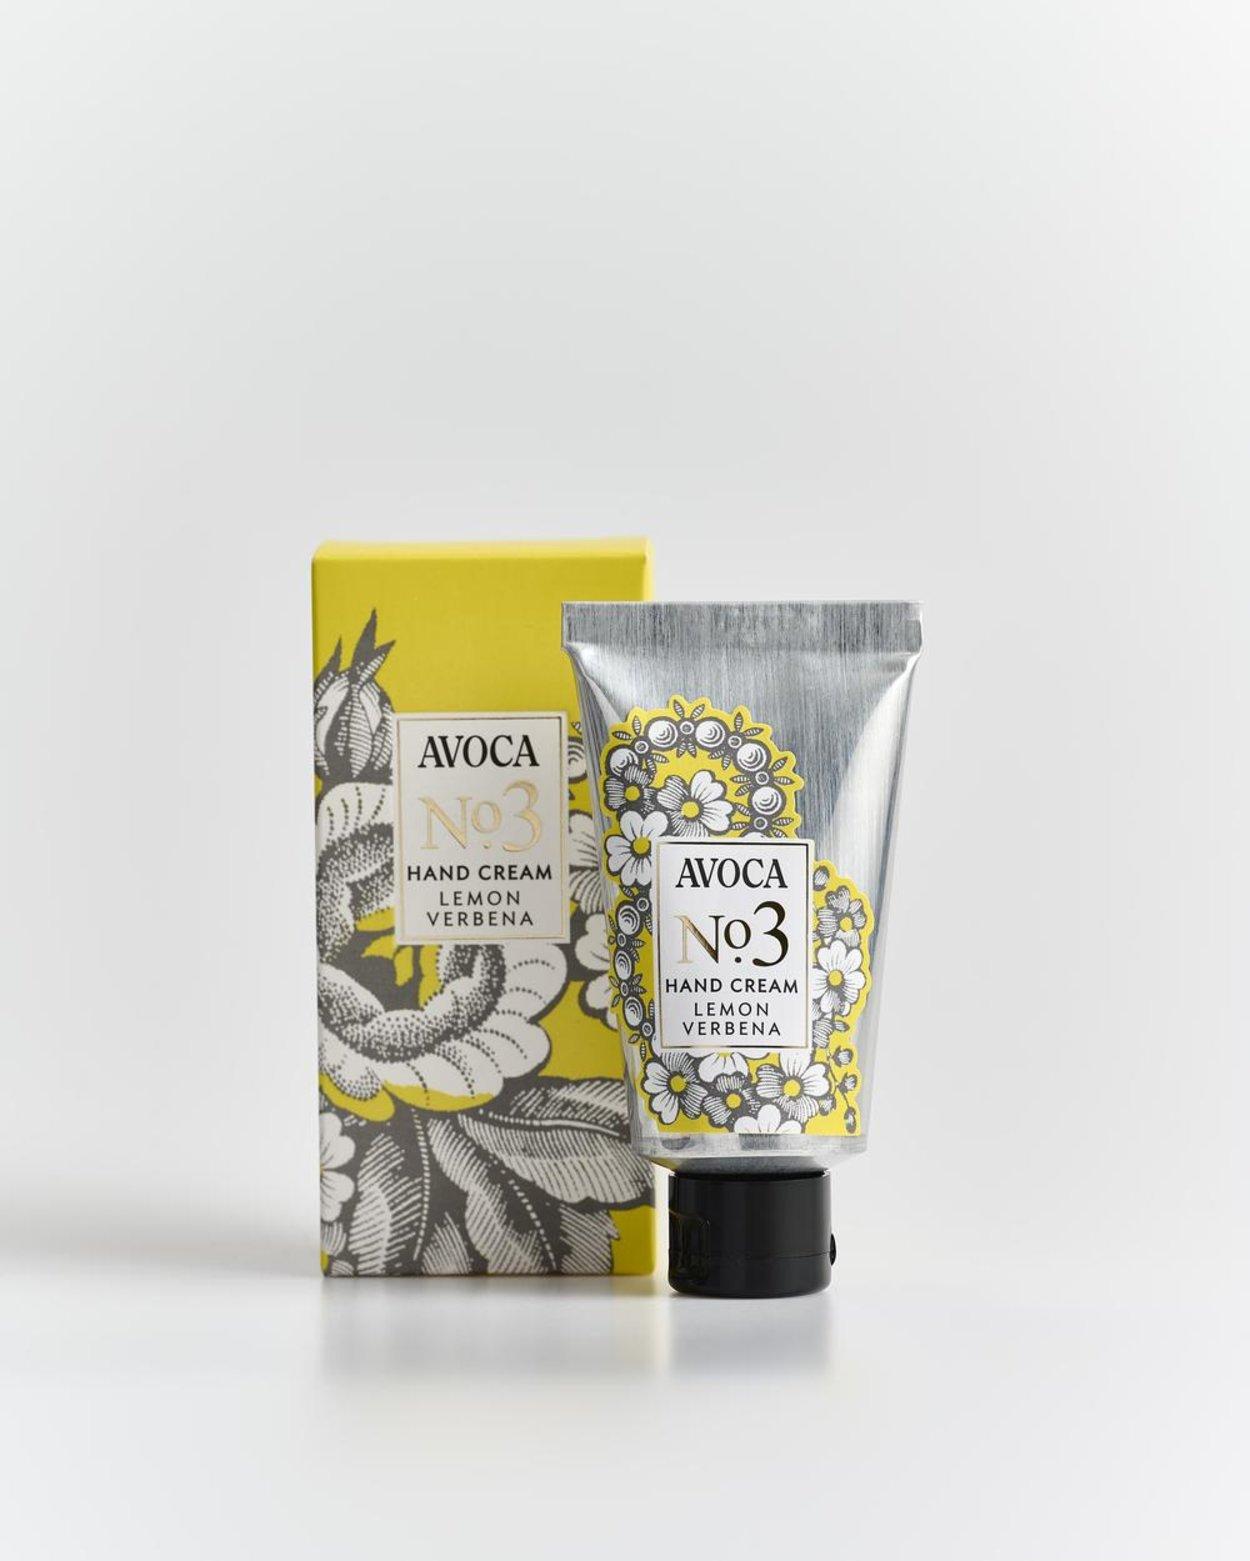 Avoca No 3 Hand Cream - Lemon Verbena